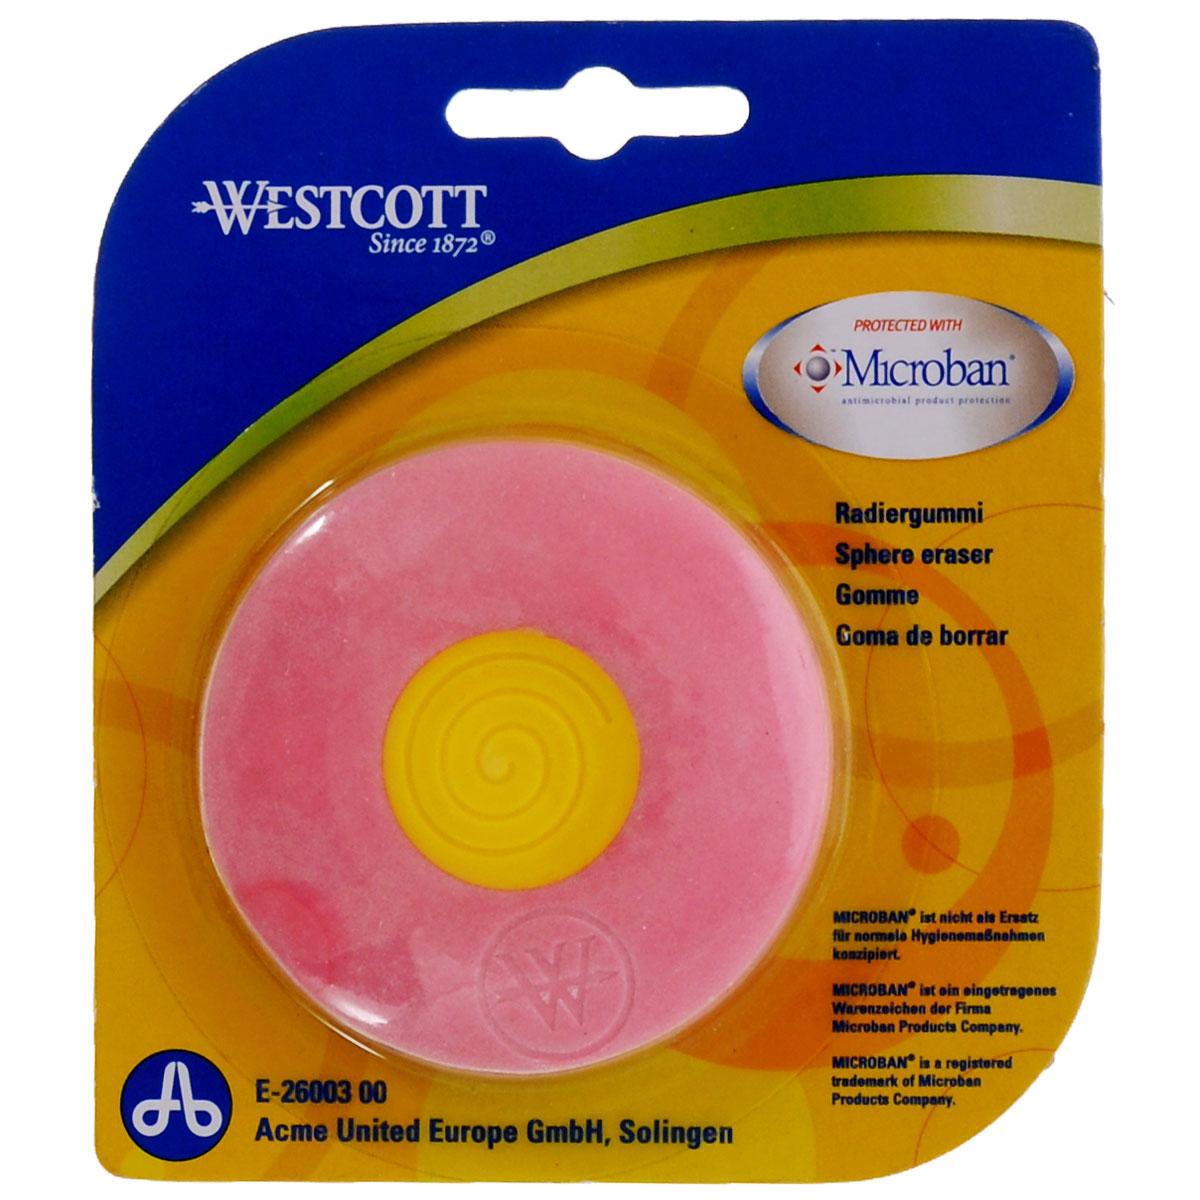 Ластик Westcott Microban, с антибактериальным покрытием, цвет: розовыйЕ-26003 00Нас окружает огромное количество бактерий, многие из которых не безопасны, поэтому все большее число товаров выпускается со встроенной антибактериальной защитой.Яркий, двухцветный ластик со встроенной антибактериальной защитой Microban легко и без следа удаляет надписи, сделанные карандашом. Для более точного удаления имеет заостренные края. Эффективность защиты Microban подтверждена множеством лабораторных исследований по всему миру. Эффективен против широкого спектра грамположительных и грамотрицательных бактерий и грибков, таких как: сальмонелла, золотистый стафилококк и другие, которые вызывают заболевания, сопровождающиеся расстройством кишечника и грибковыми заболевания. (Всего около 100 микроорганизмов).Ластик сохраняет свои свойства после мытья и в случае механического повреждения изделия. Антибактериальные свойства не исчезают со временем и не снижают свою эффективность. Microban абсолютно безвреден для людей и животных, не вызывает аллергии.